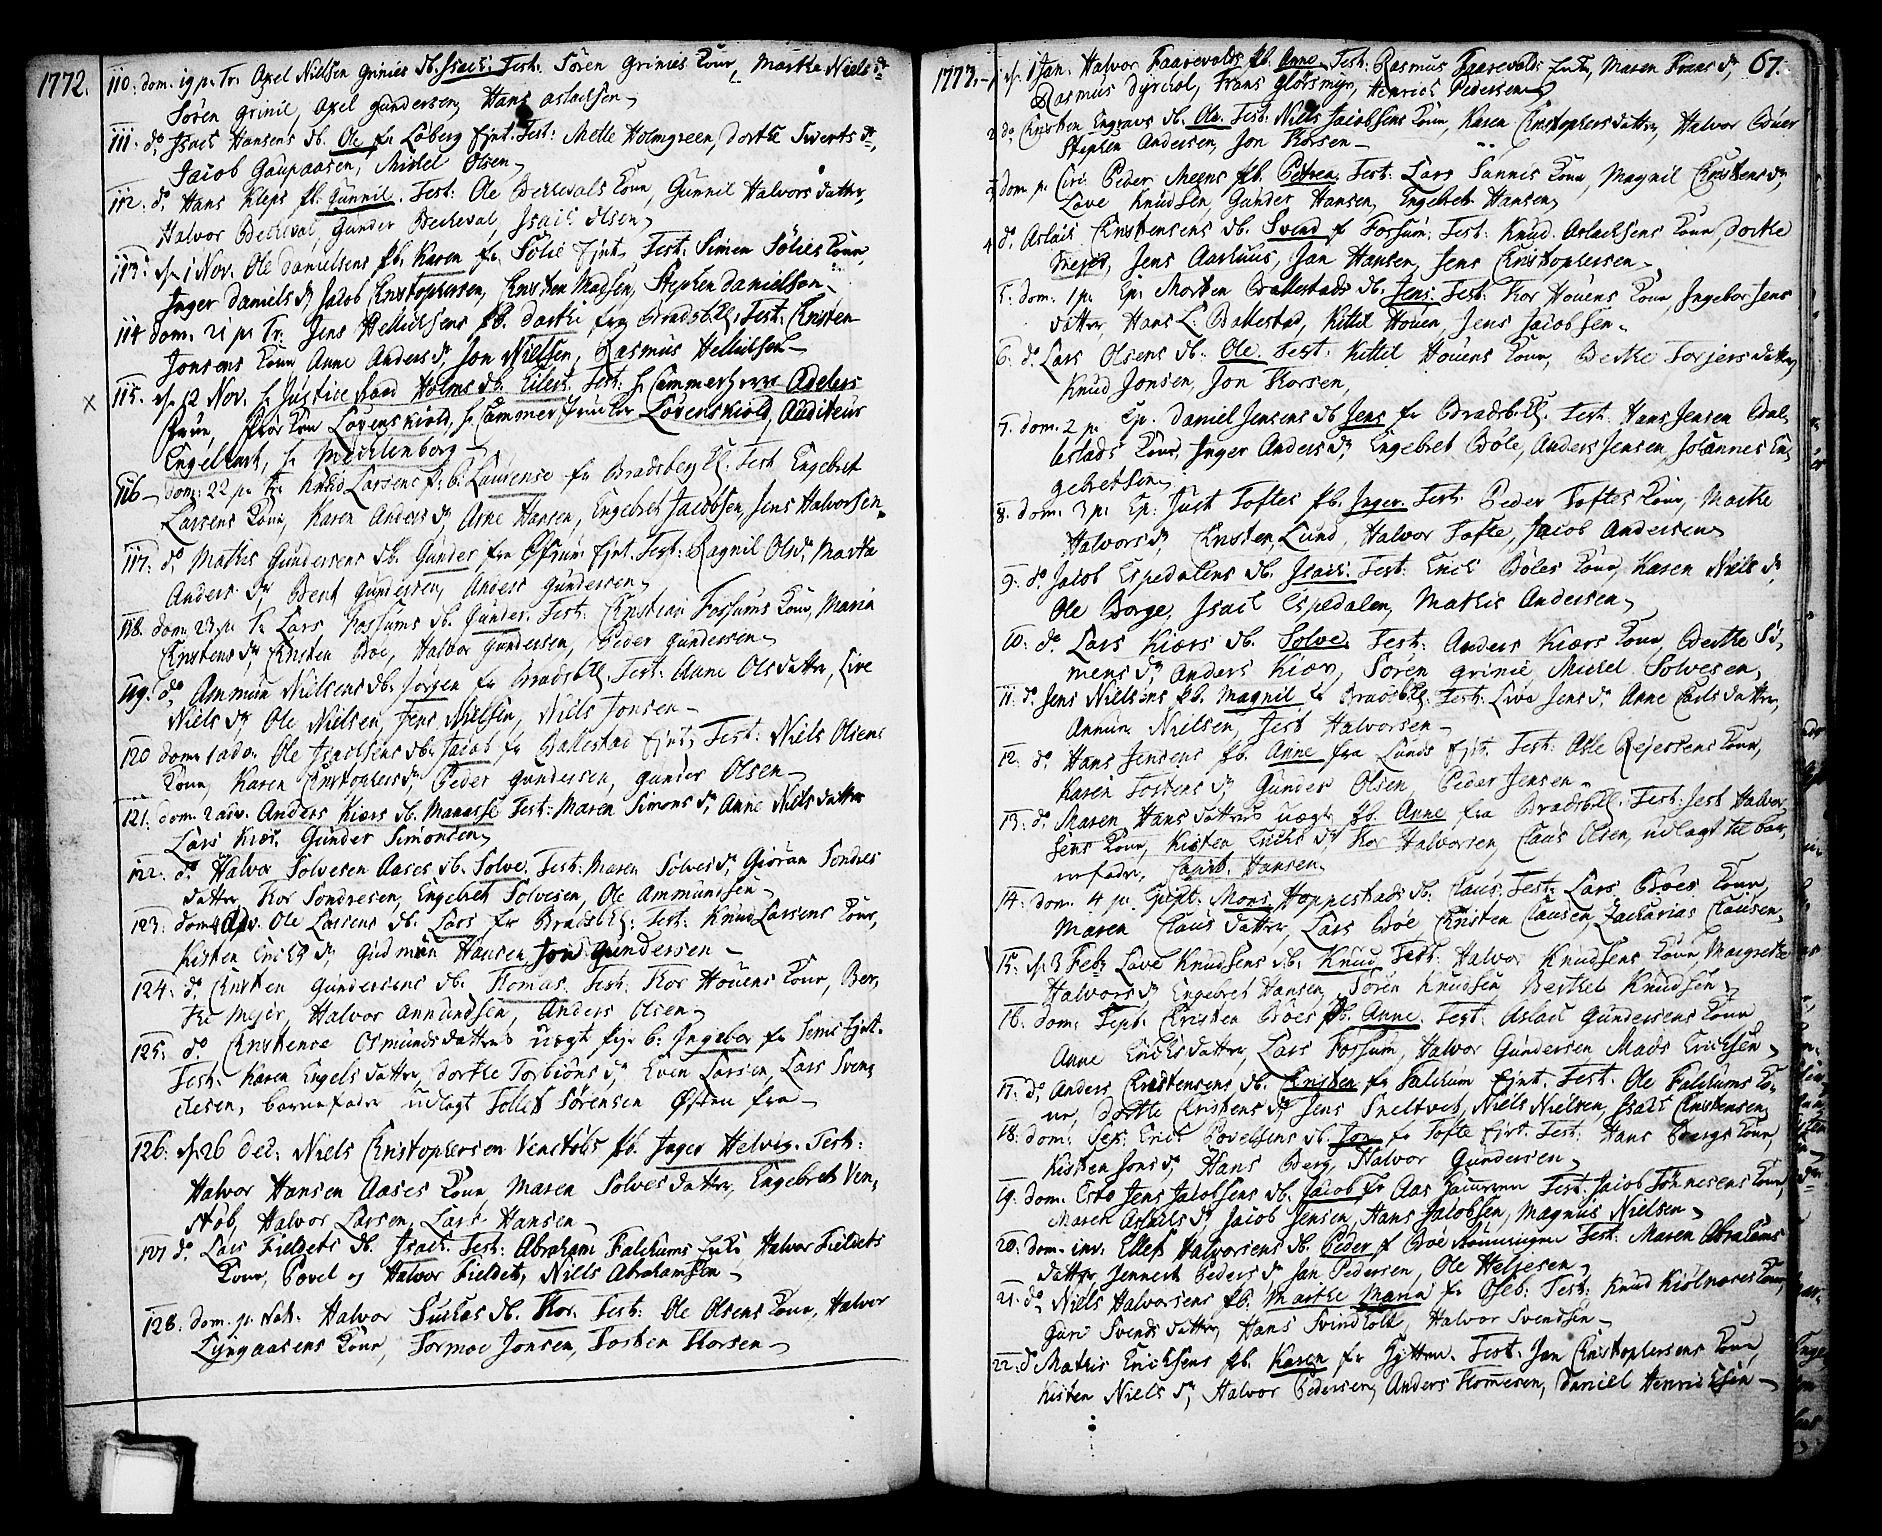 SAKO, Gjerpen kirkebøker, F/Fa/L0002: Ministerialbok nr. 2, 1747-1795, s. 67